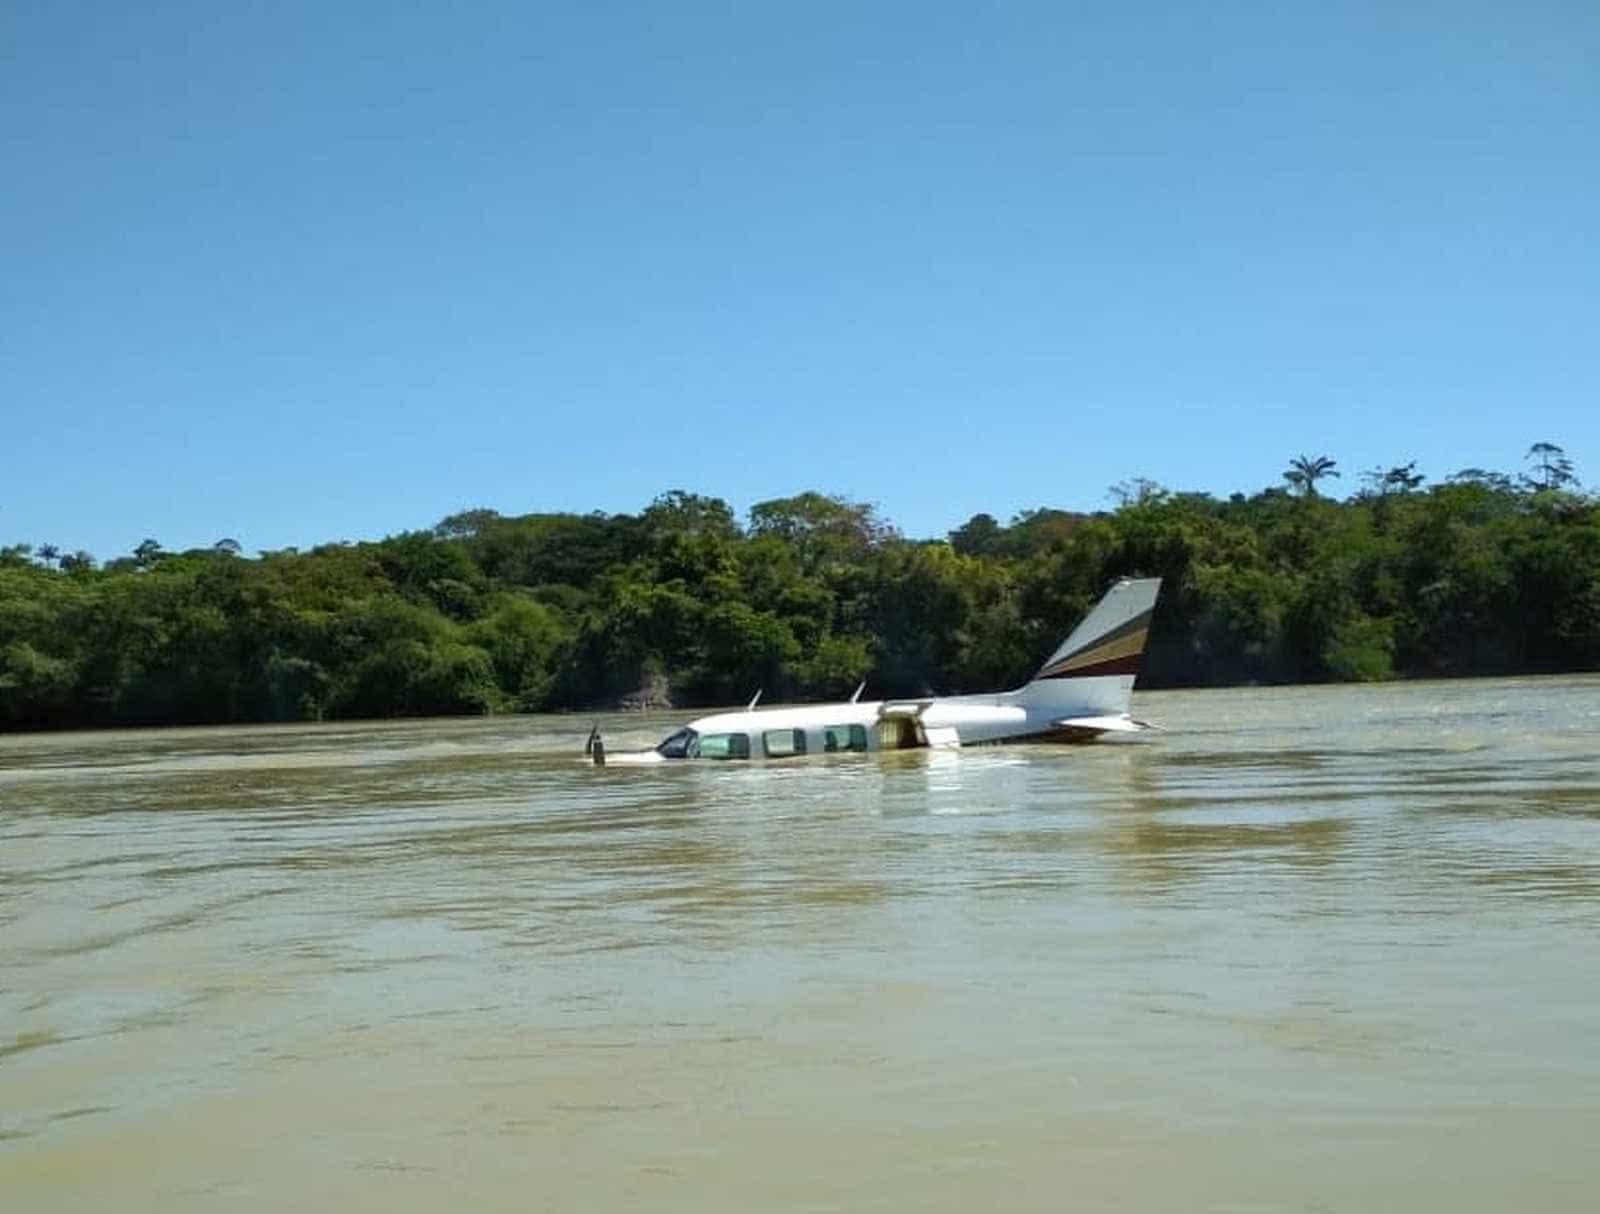 Piloto mata assassino em avião e faz pouso forçado em rio do Pará